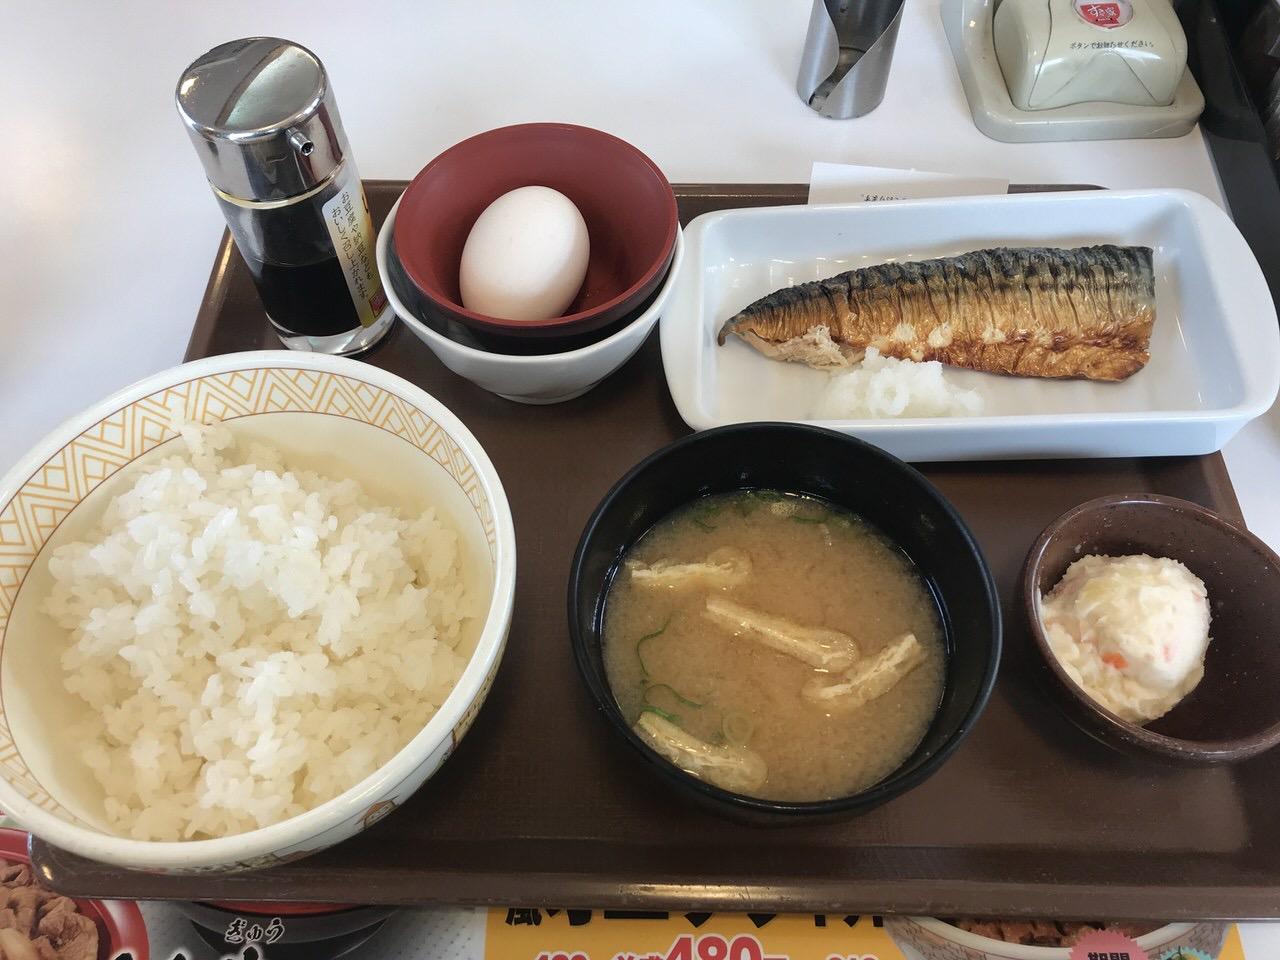 すき家の朝食「さば朝食」1